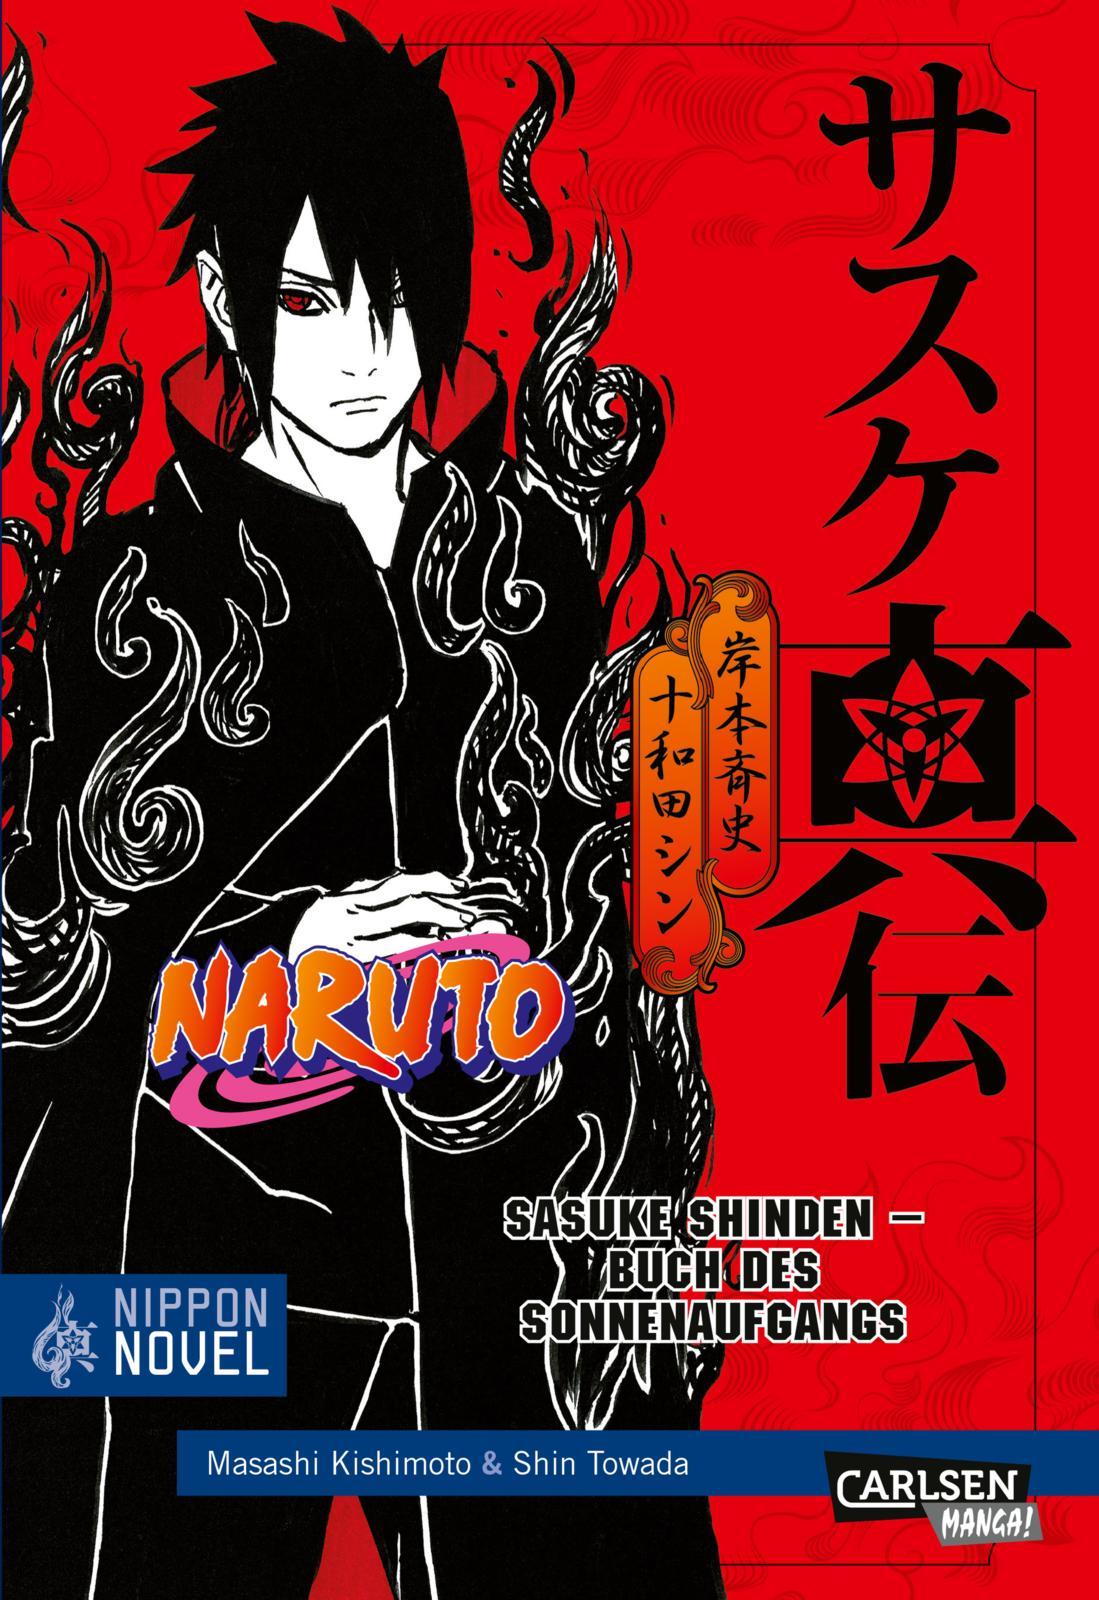 Cover des 3. Bandes von Naruto Shinden - Light Novel